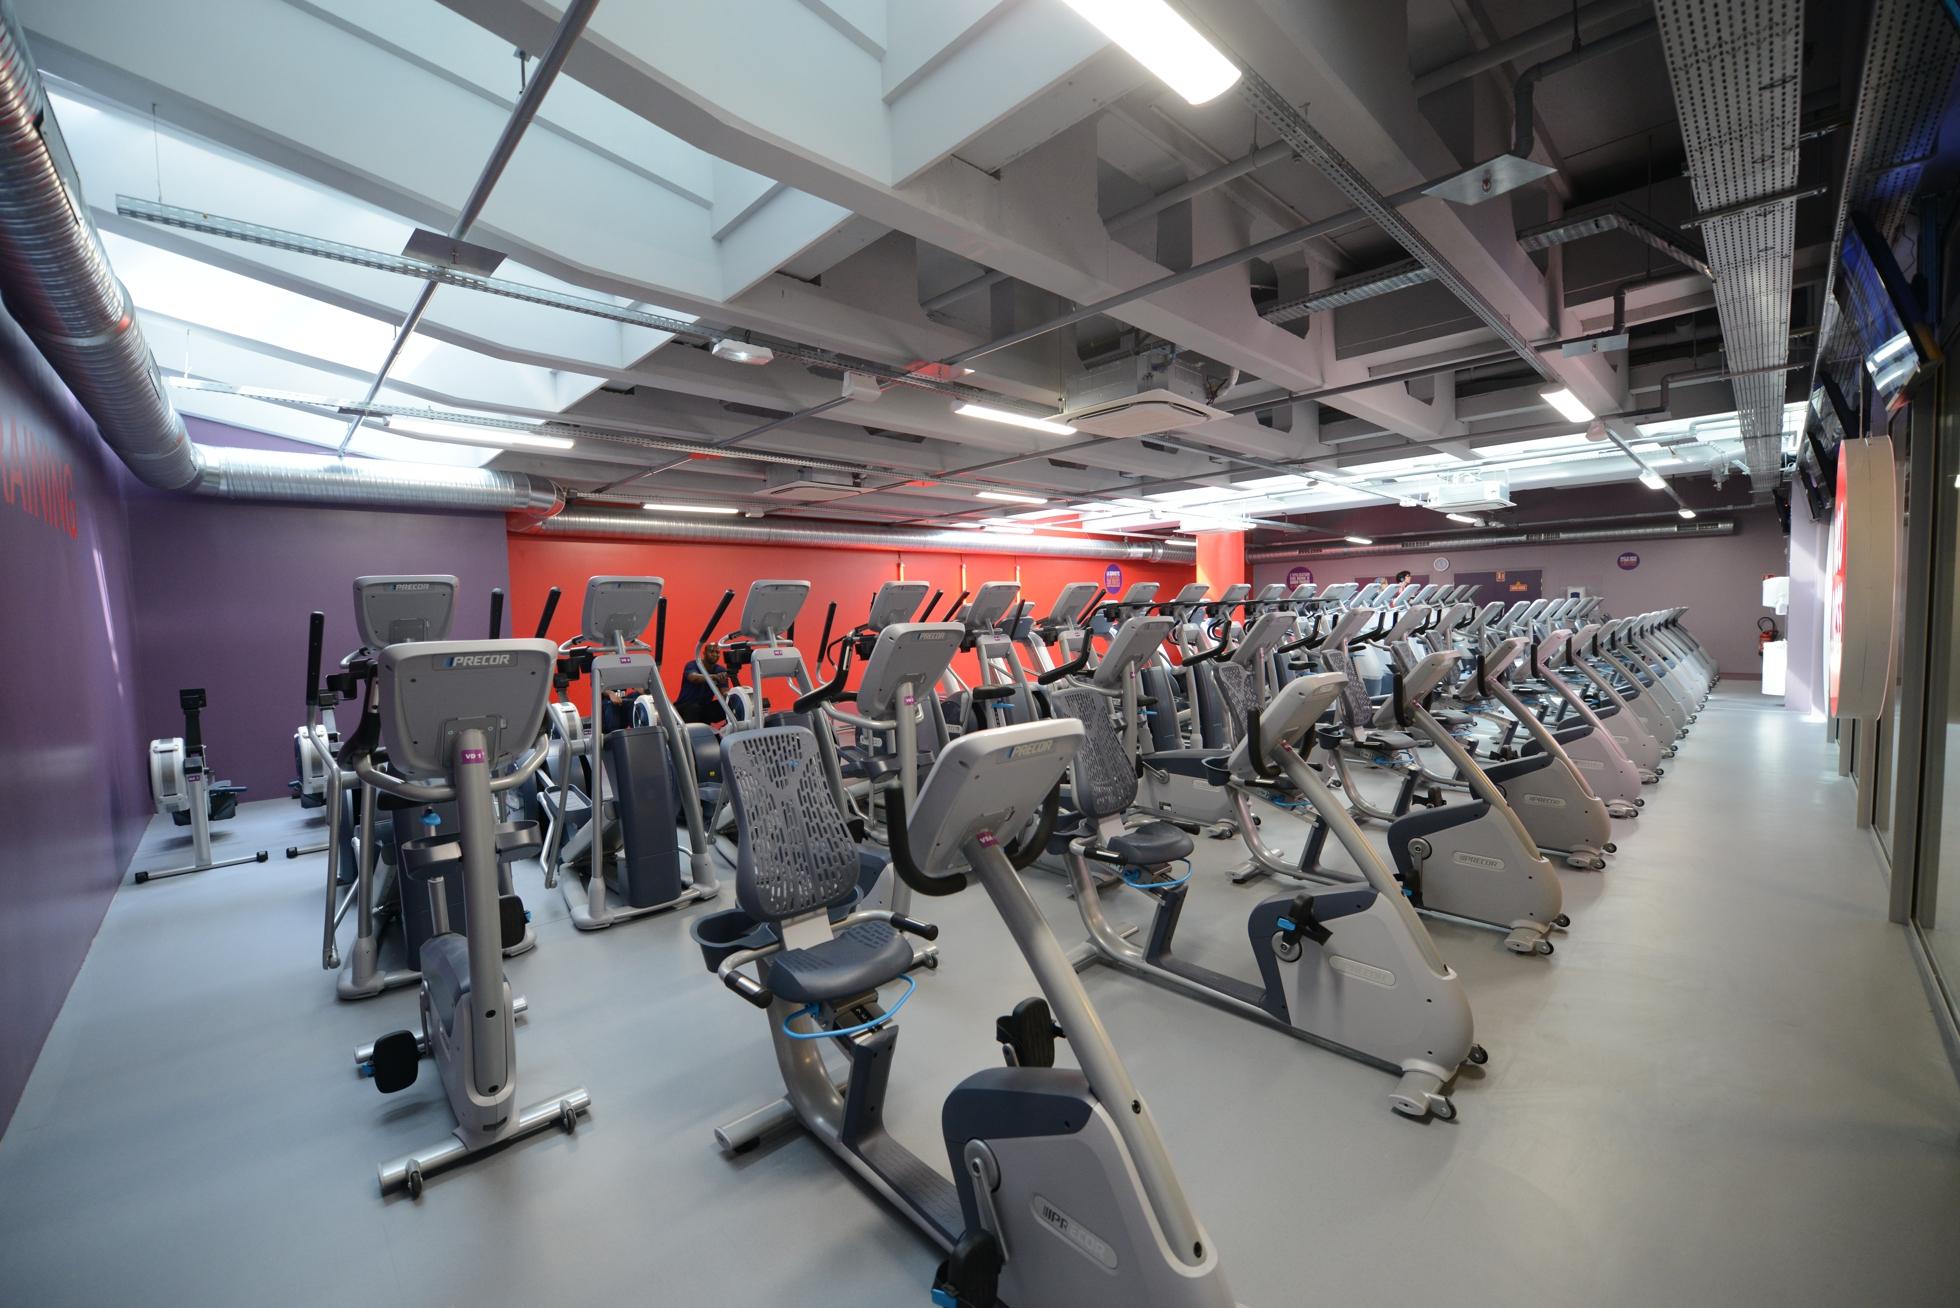 neoness la nouvelle salle de sport au pied de la grande arche defense. Black Bedroom Furniture Sets. Home Design Ideas